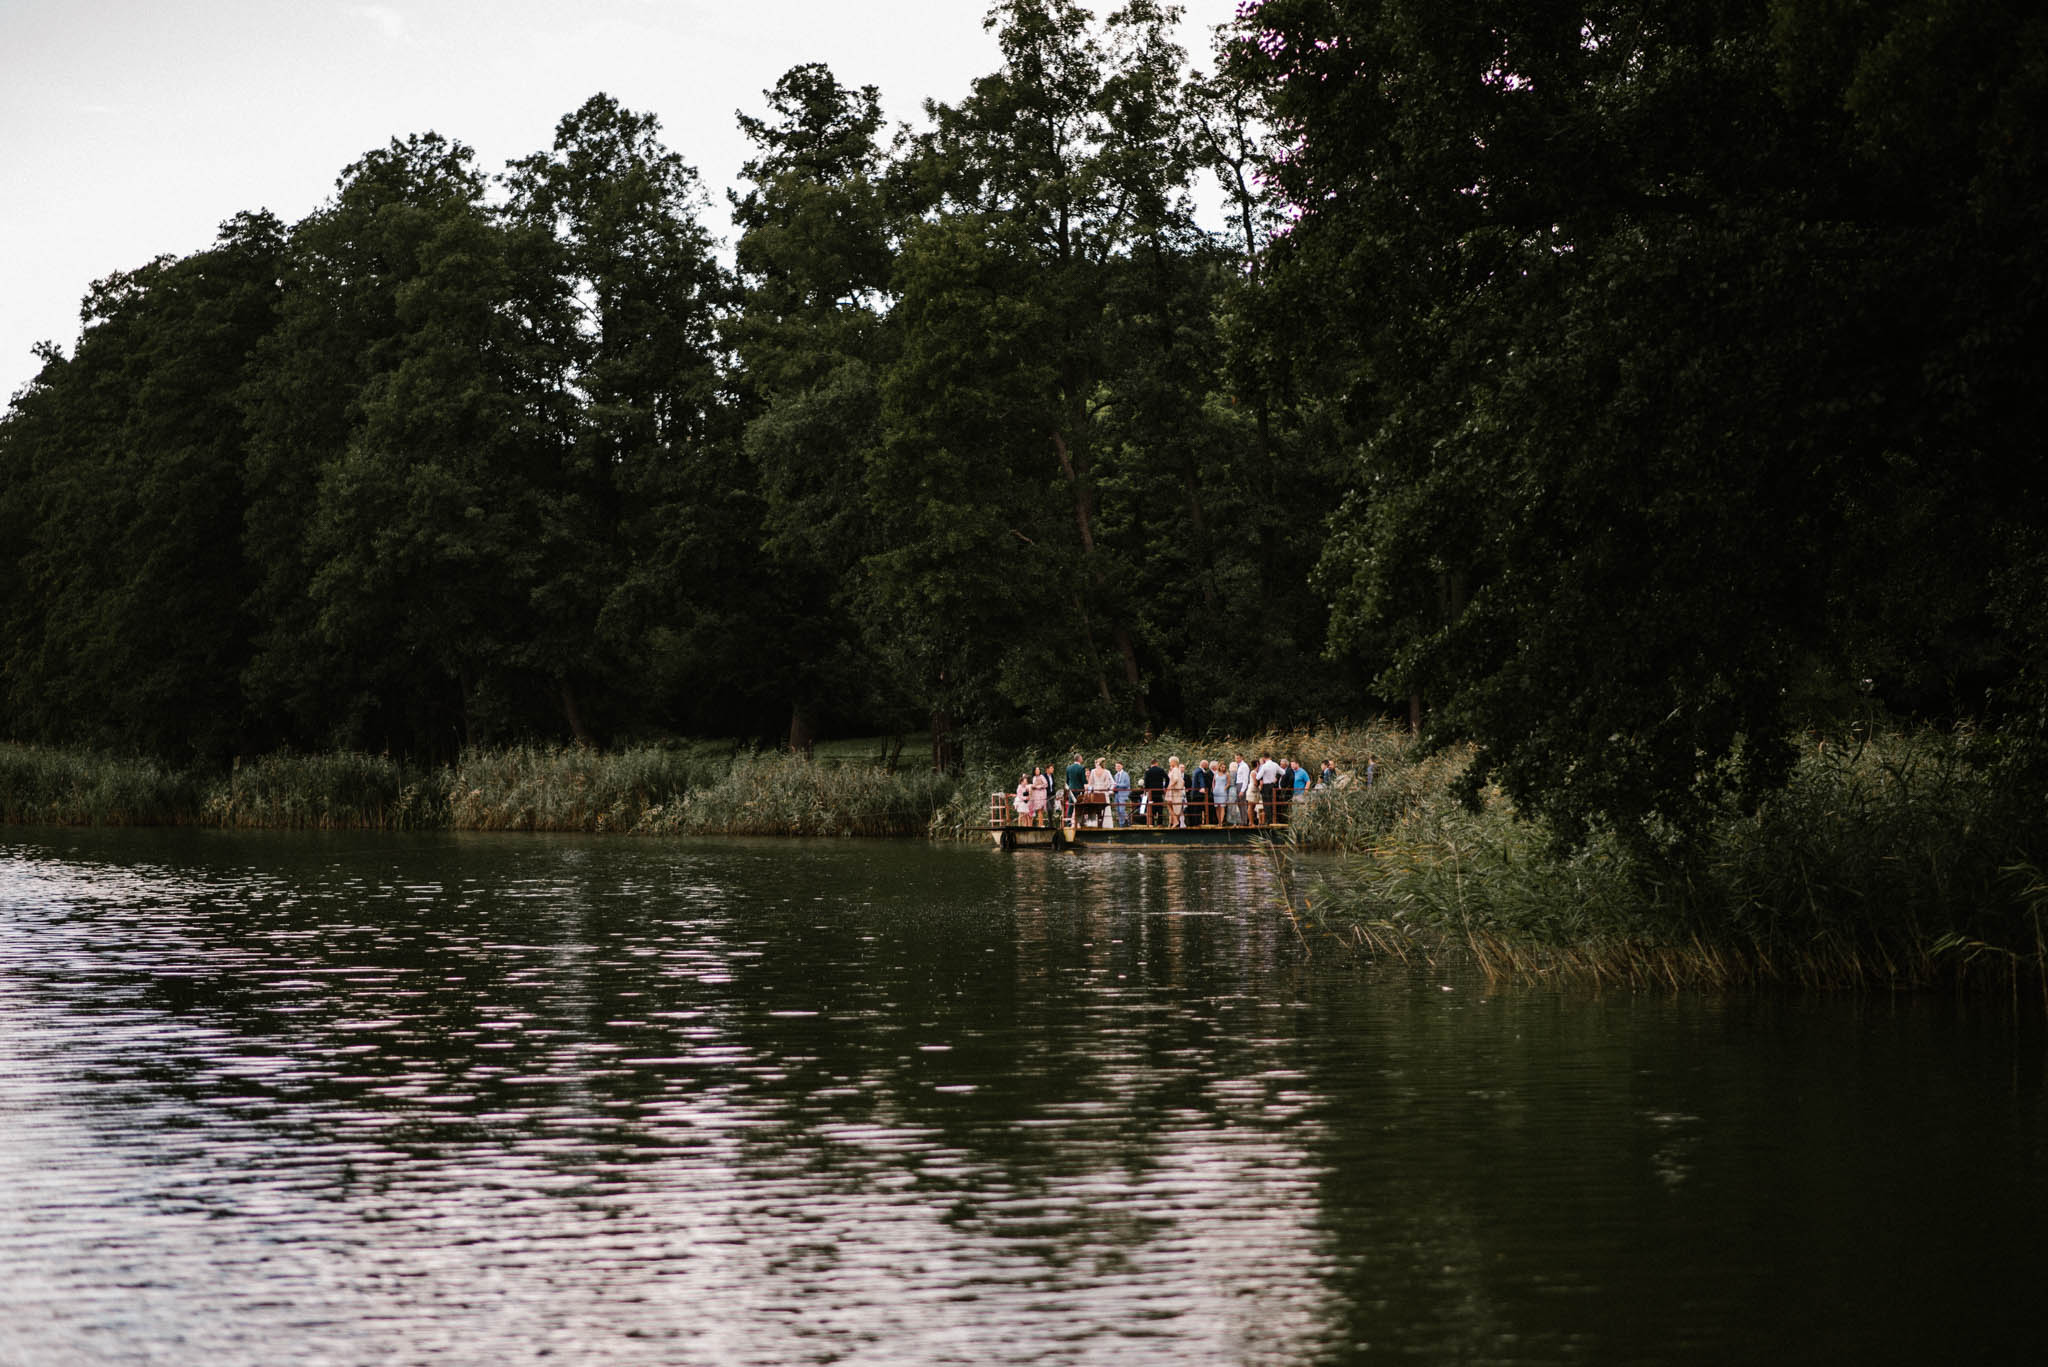 Państwo młodzi z gośćmi czekają na prom - sesja ślubna na Wyspie Św. Edwarda Zaniemyśl